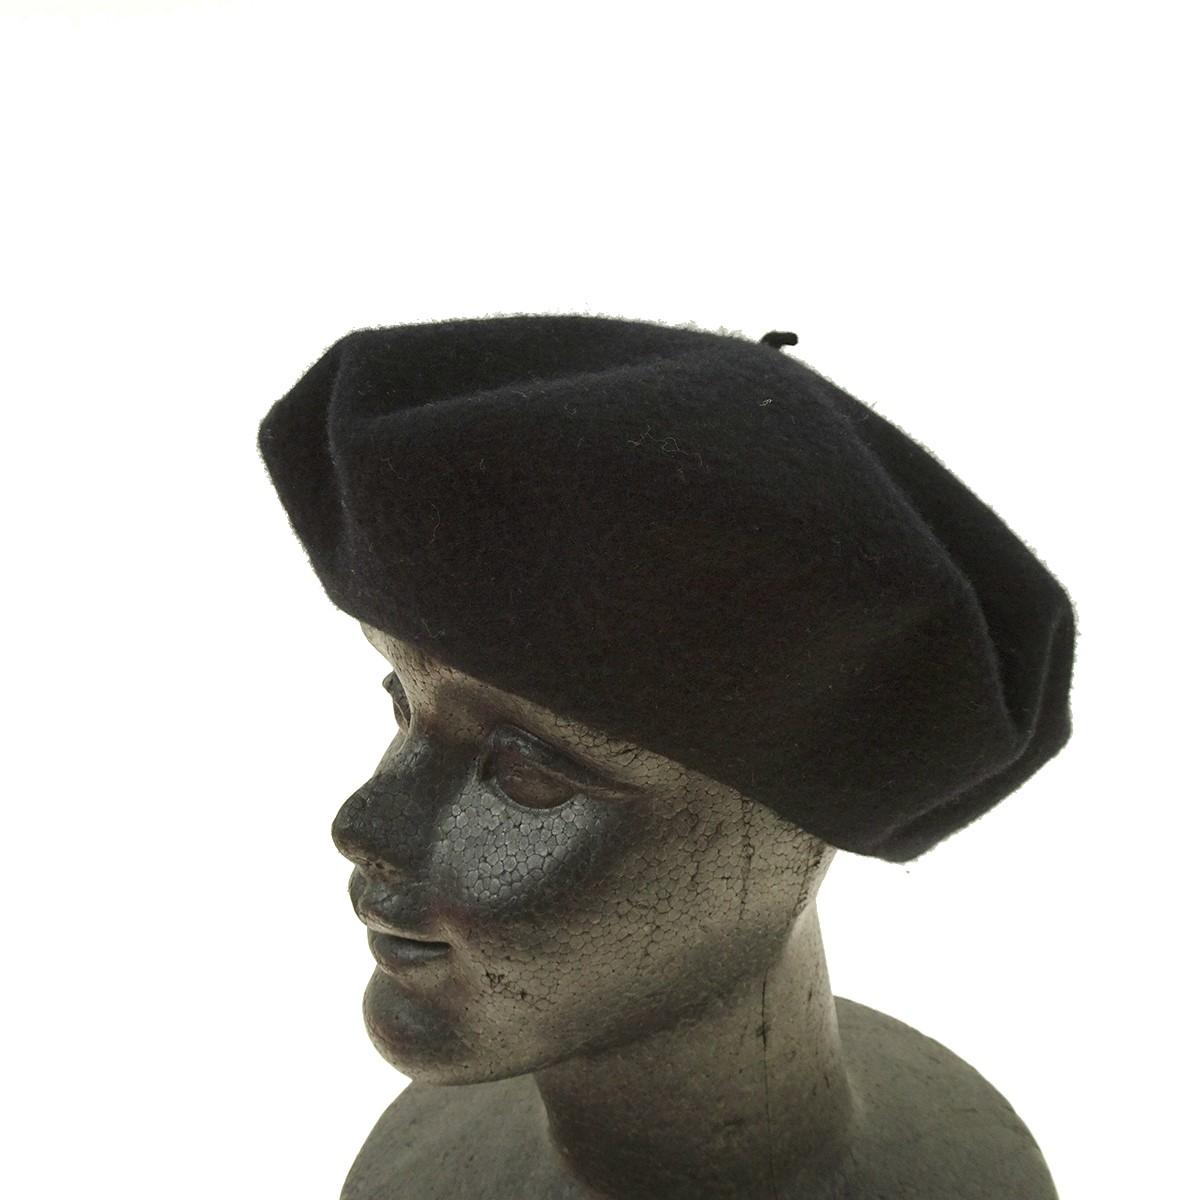 【中古】GUCCI ベレー帽 ブラック サイズ:L59 【040320】(グッチ)